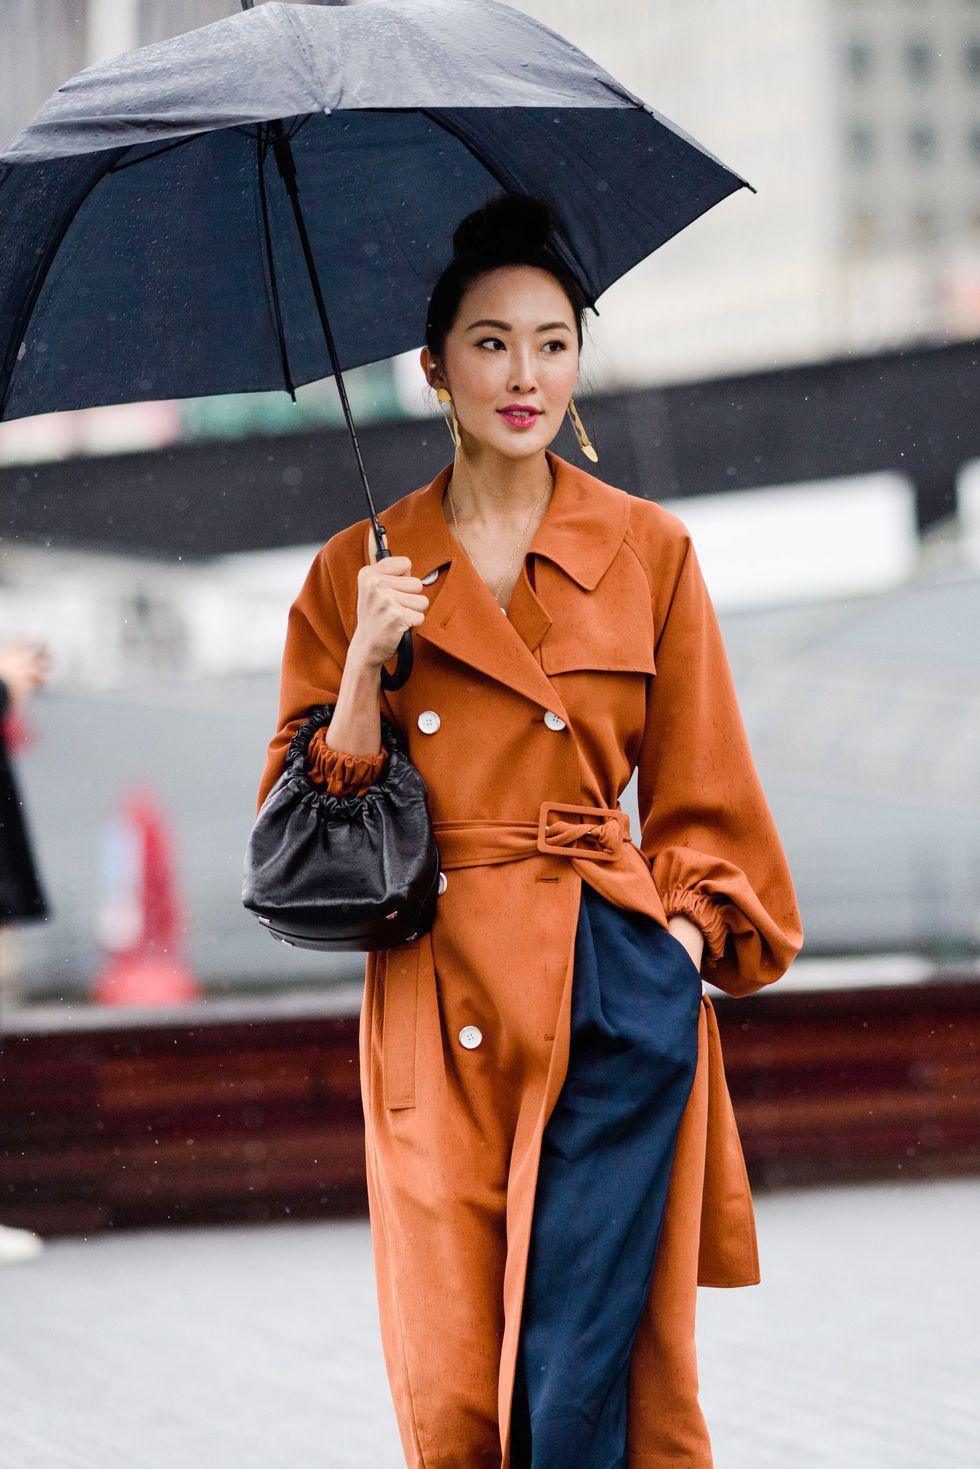 phong cách phối đồ ngày mưa 2